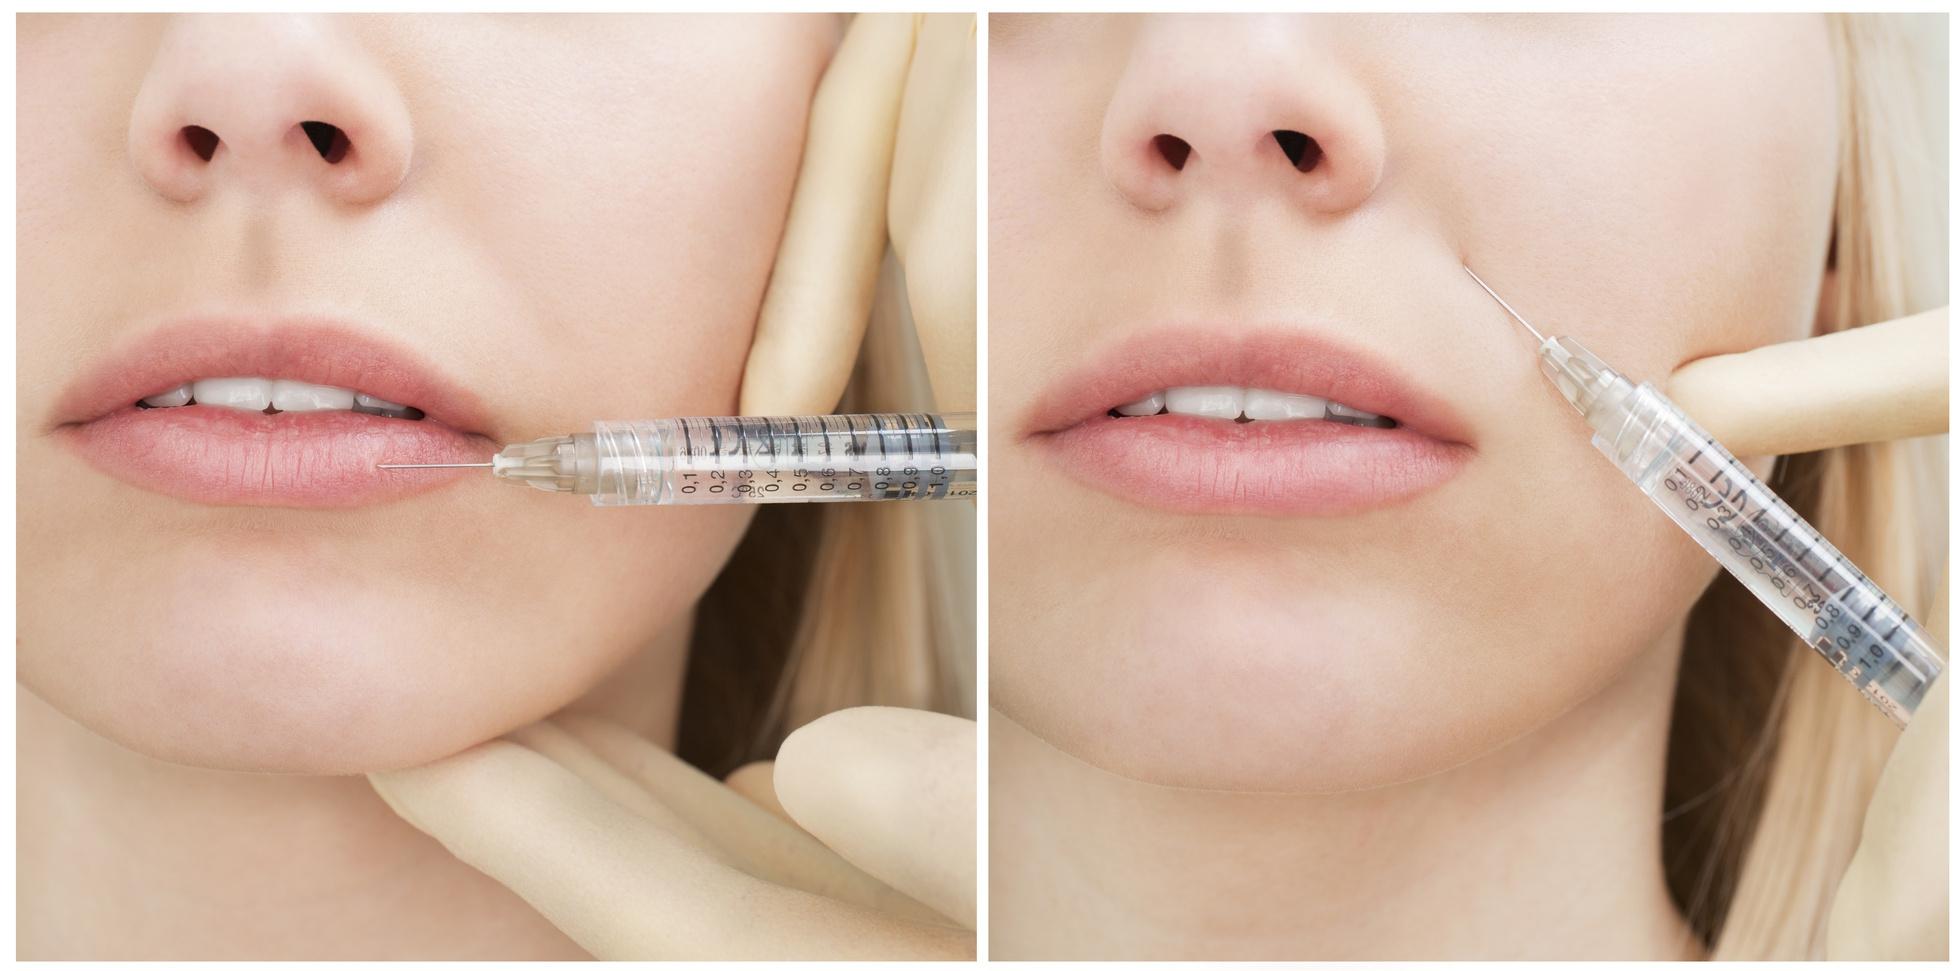 Носогубные морщины: инъекционное введение препаратов, заполняющих морщины